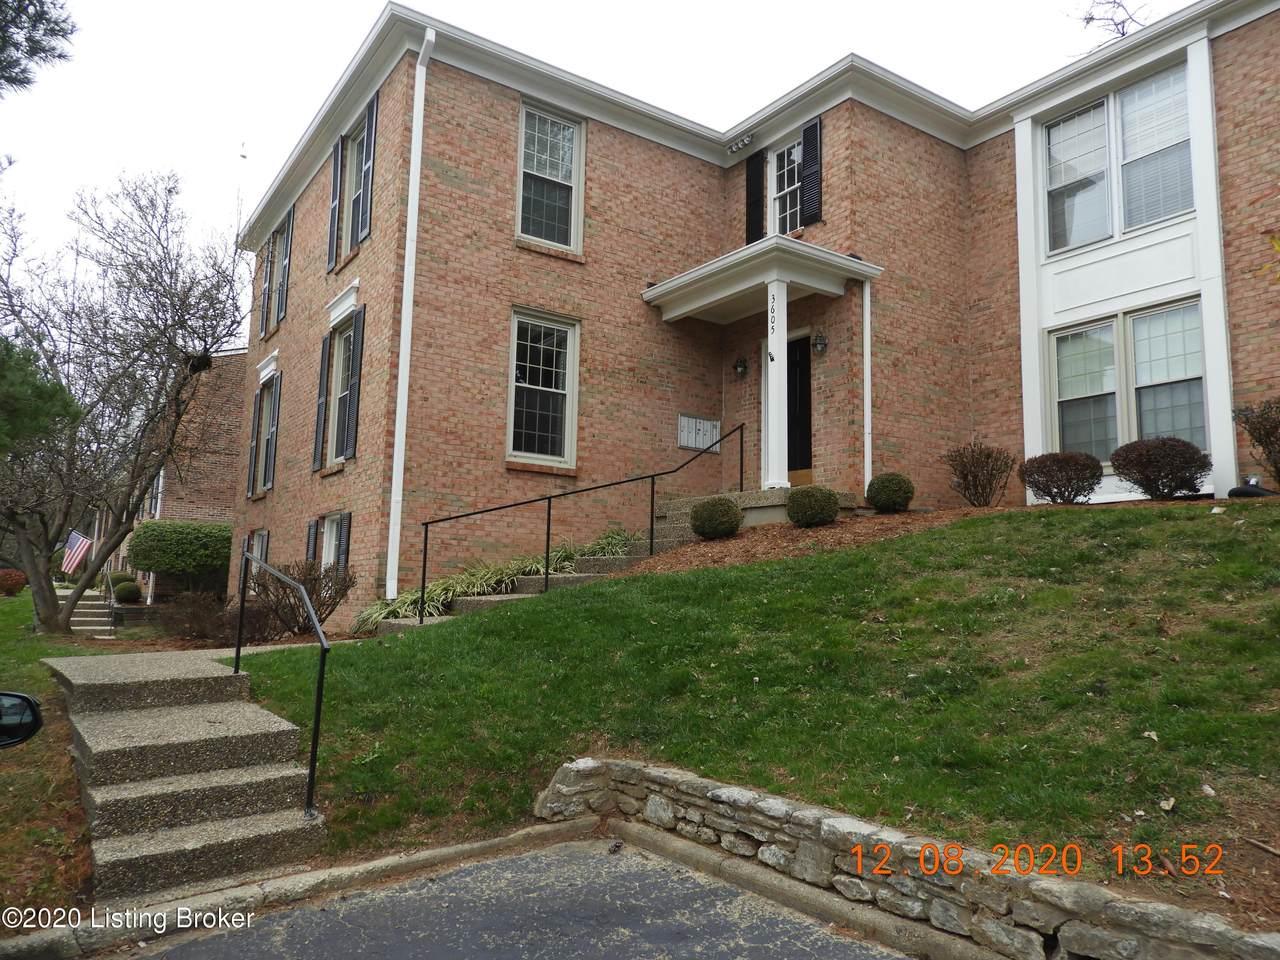 3605 Brownsboro Rd - Photo 1